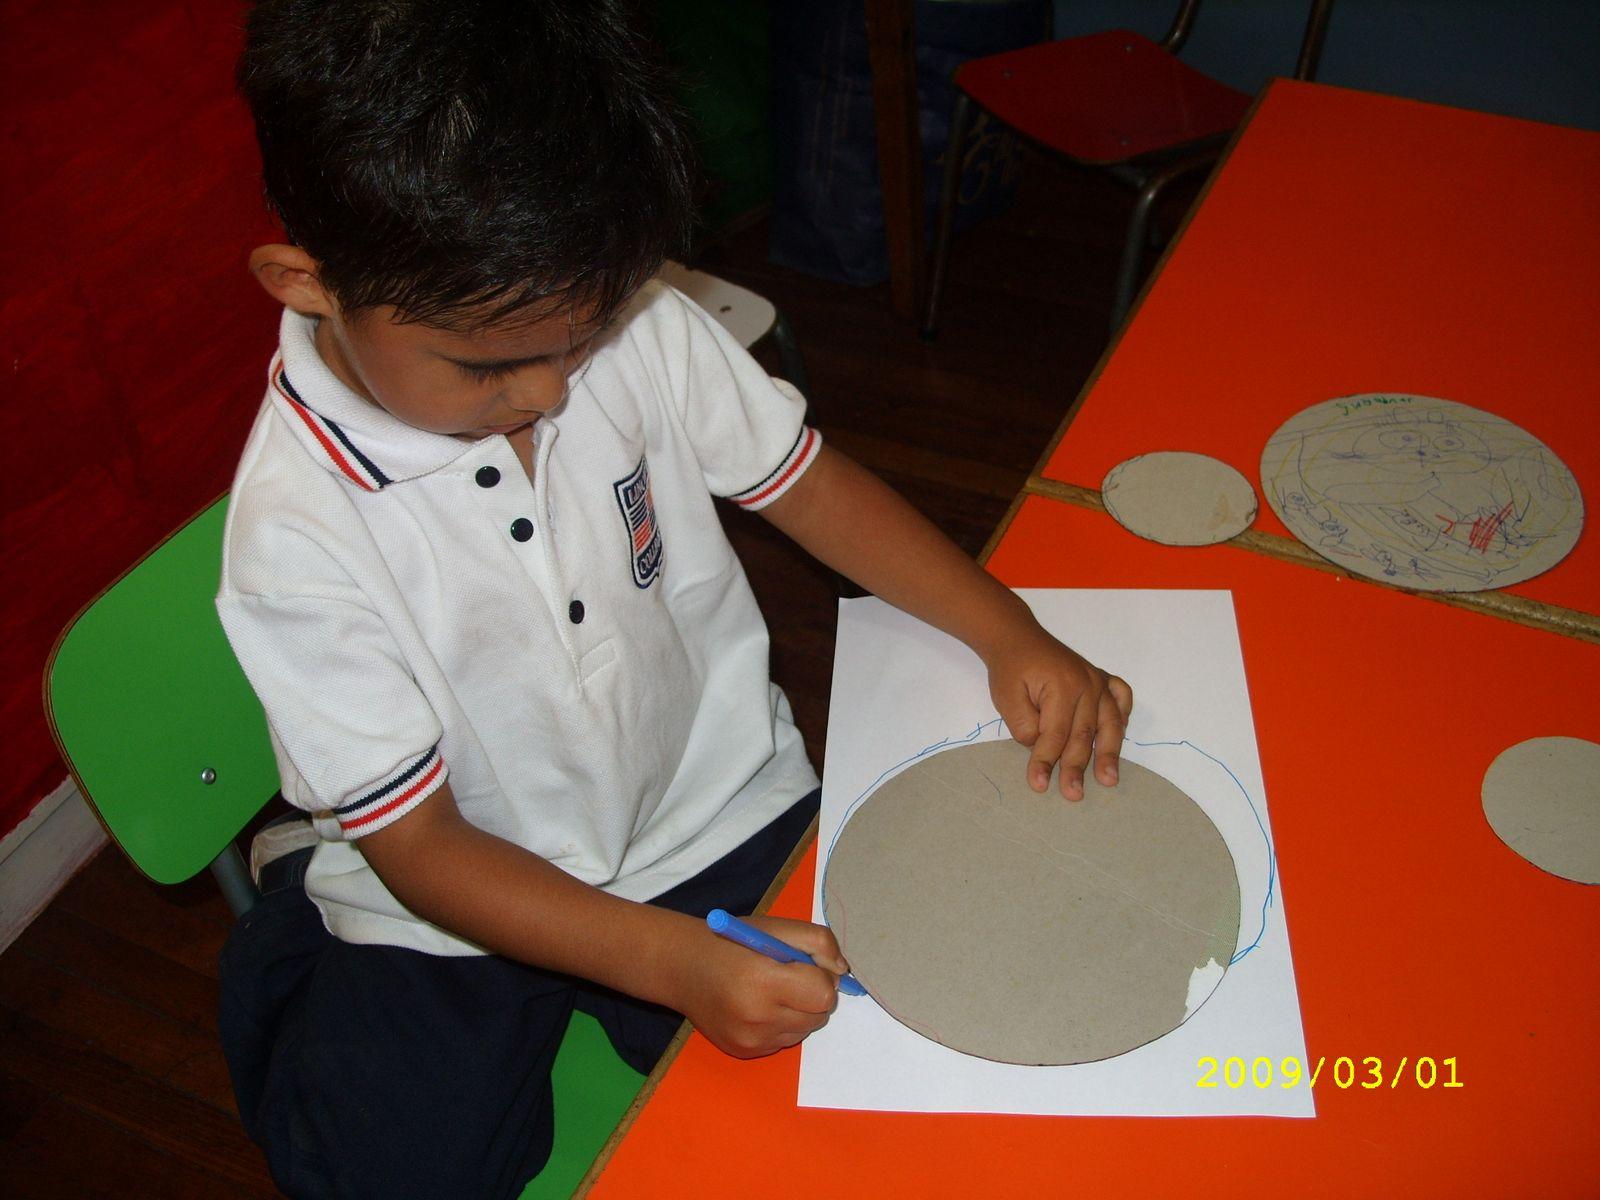 decorar sala de kinder:didácticos: Más materiales didácticos para la sala de pre kinder